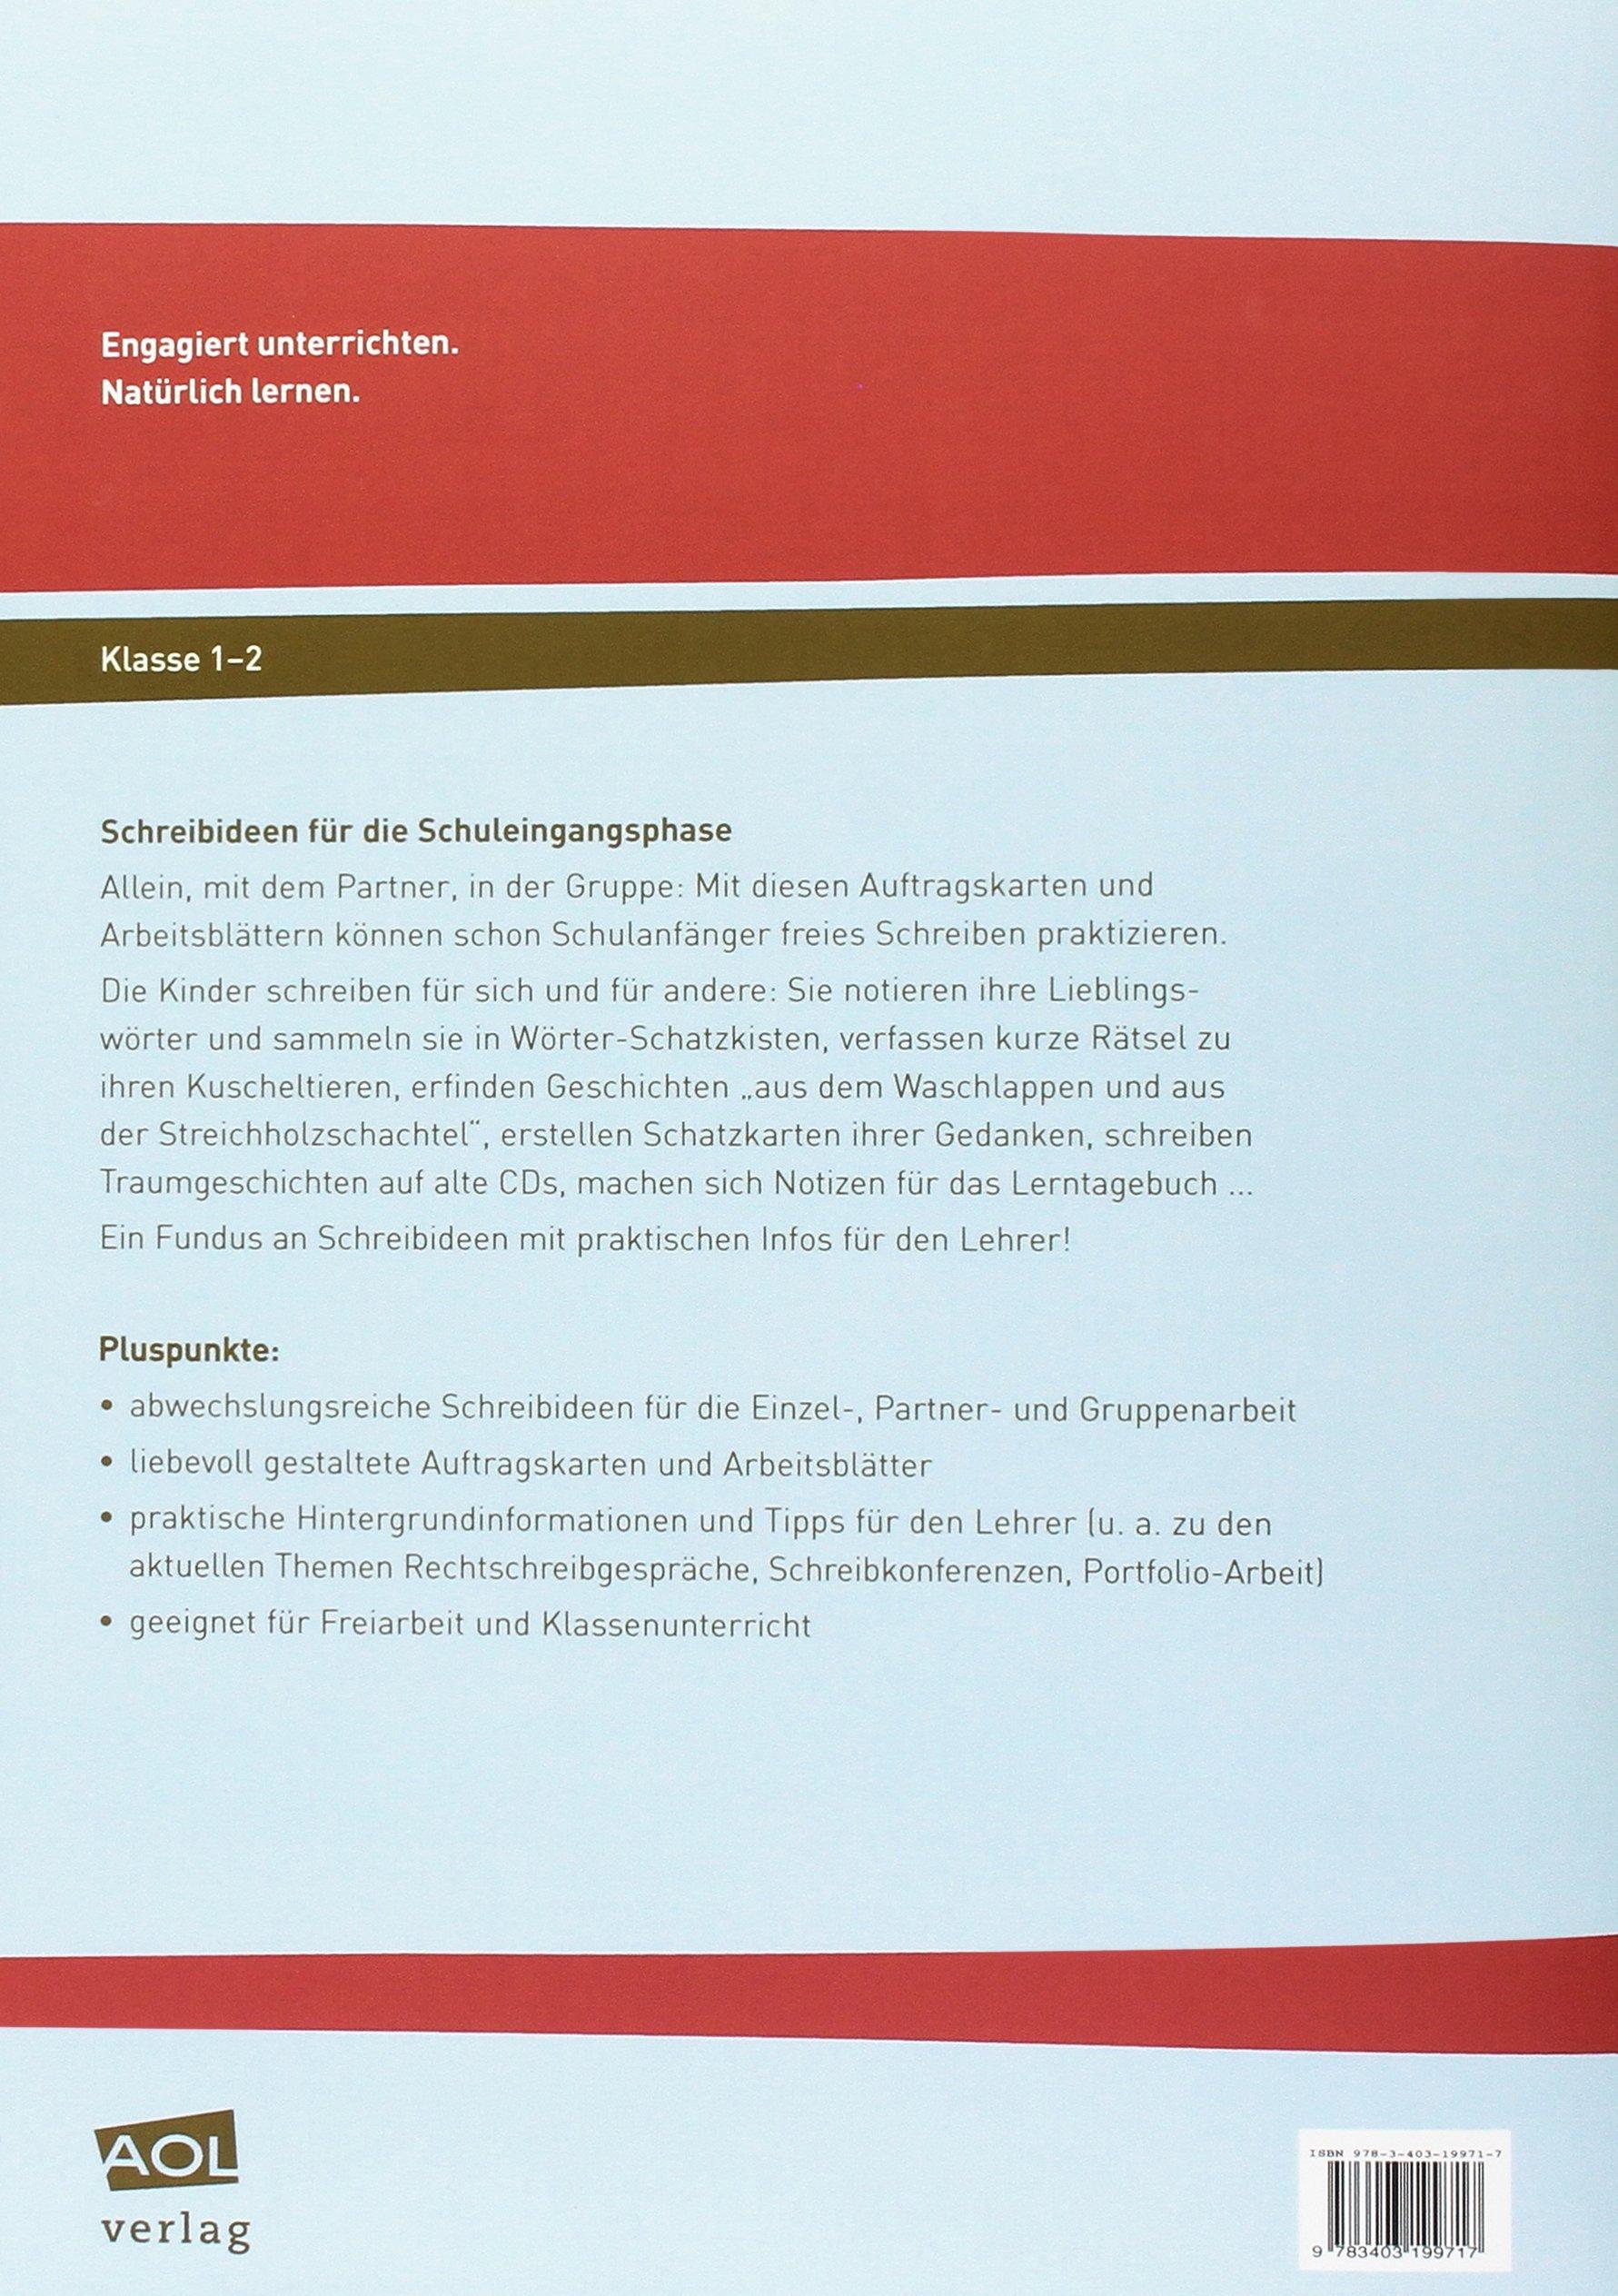 Schreibideen für d. Schuleingangsphase: Auftragskarten ...